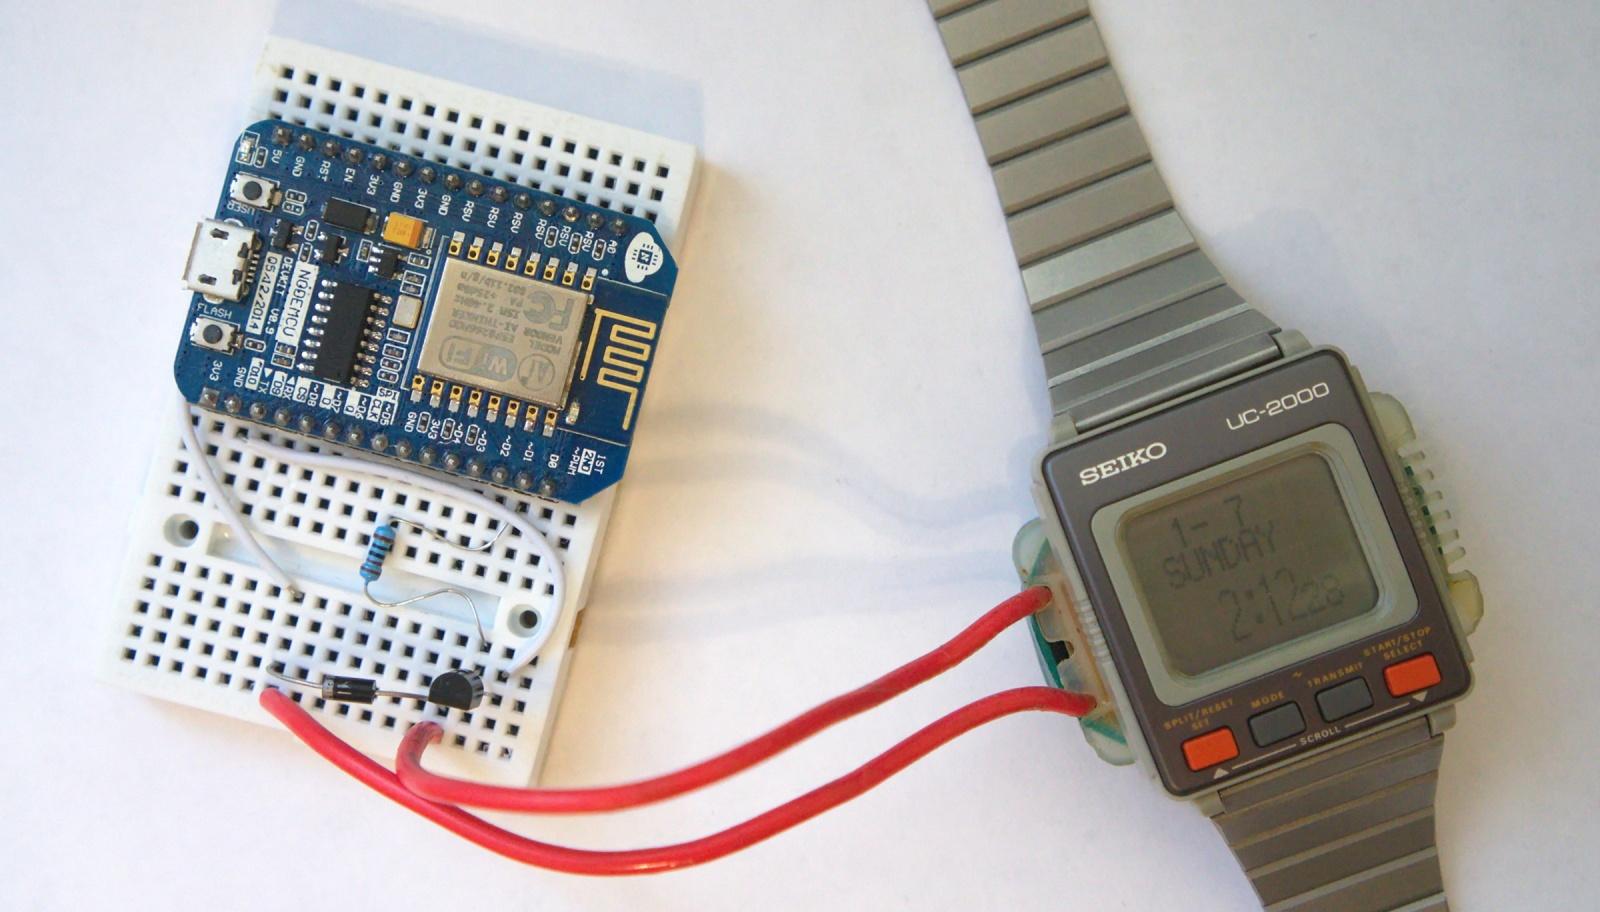 Реверс-инжиниринг первых умных часов Seiko UC-2000 - 6